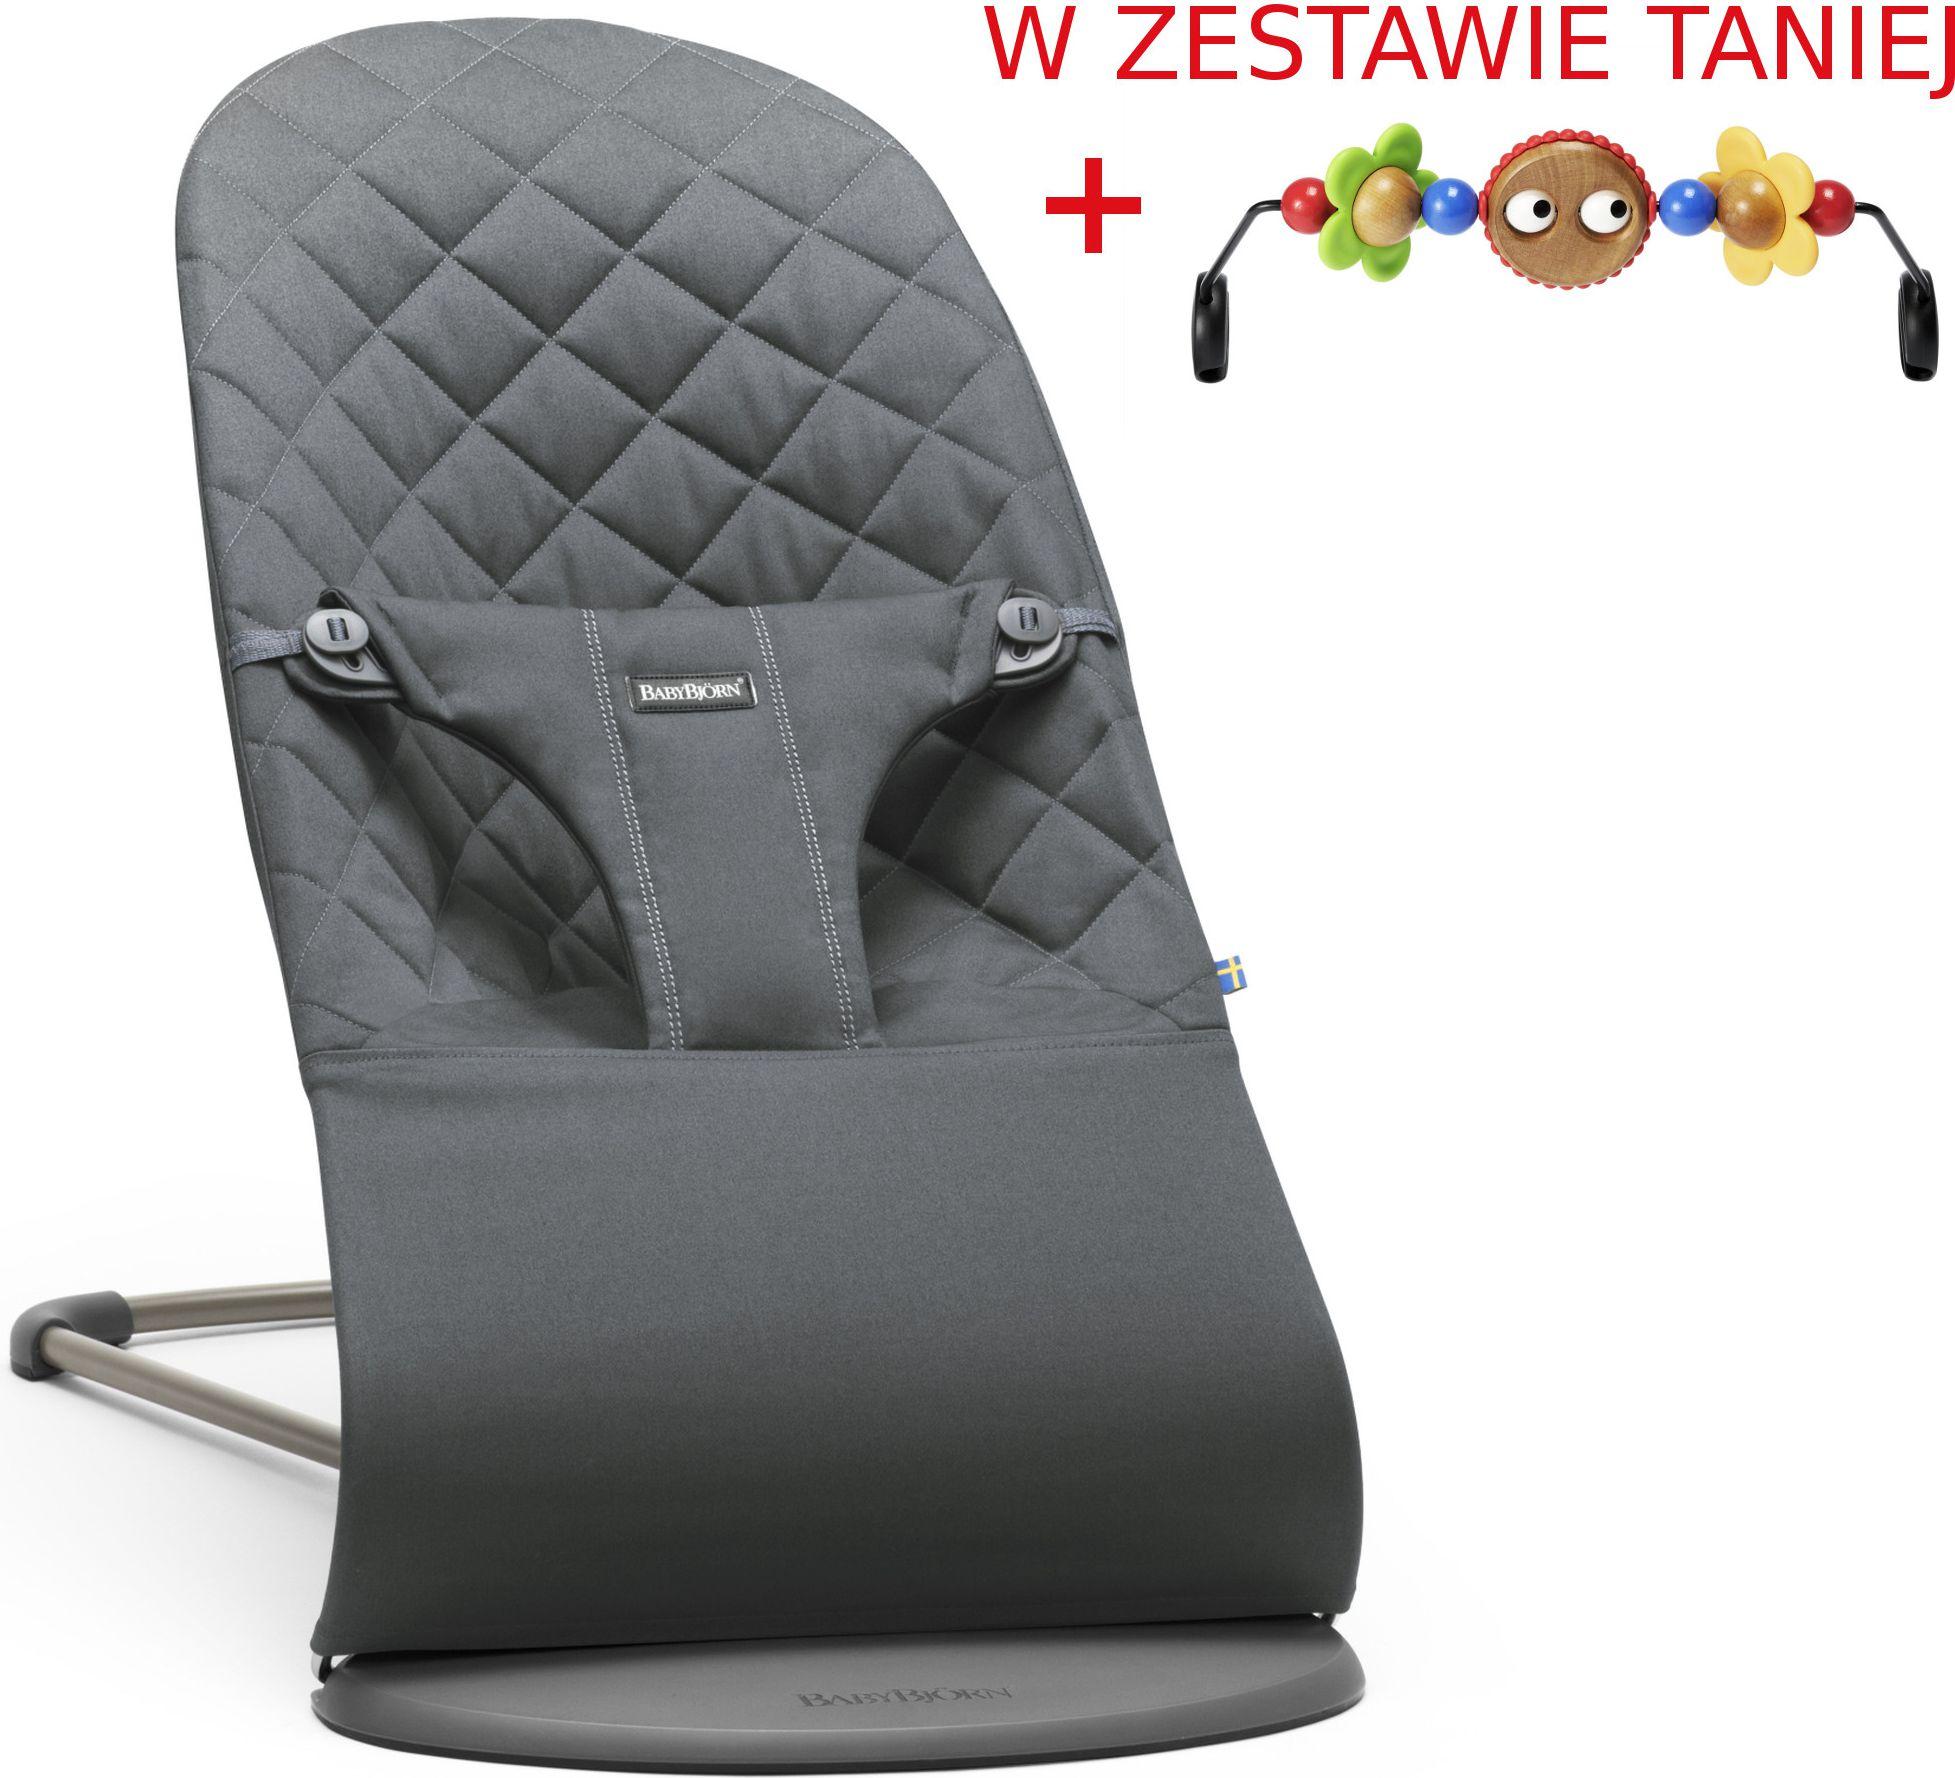 BABYBJORN  Lezaczek BLISS - Antracytowy + Zabawka 7317686060215 šūpuļkrēsls